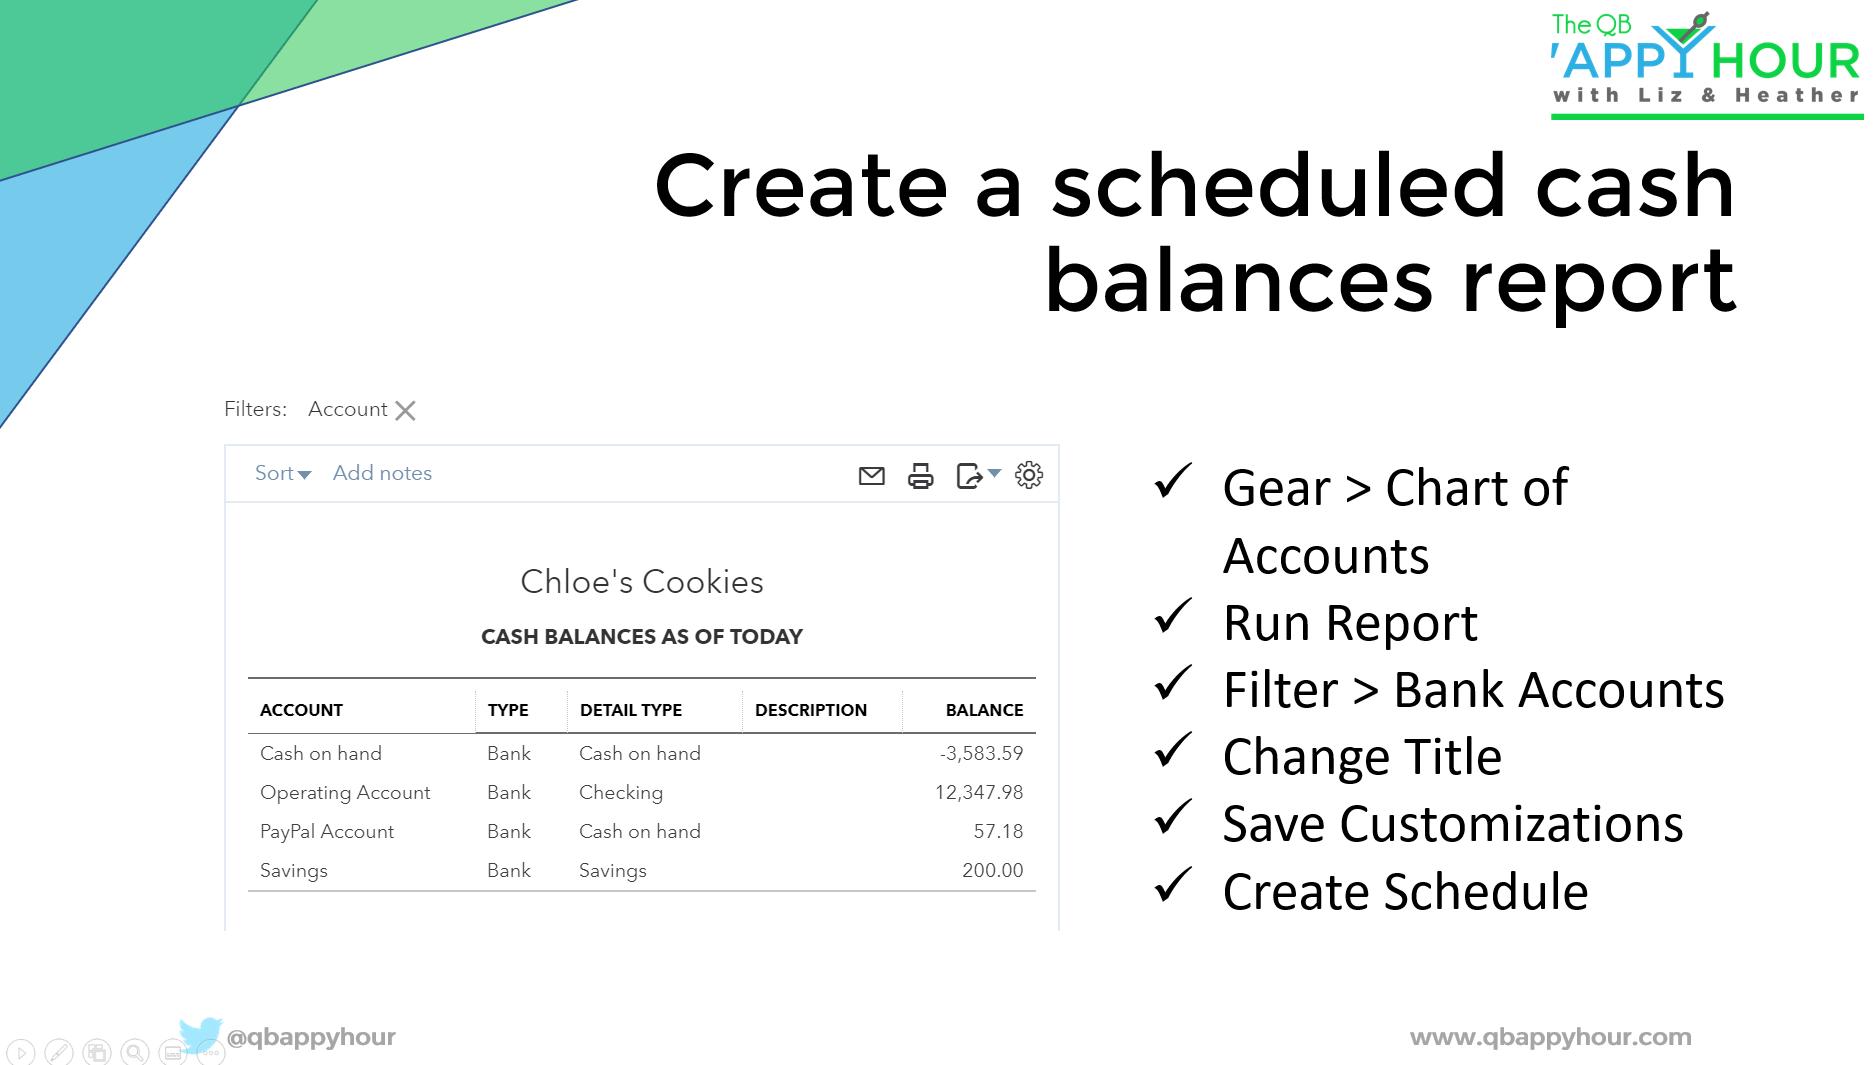 Create a scheduled cash balances report